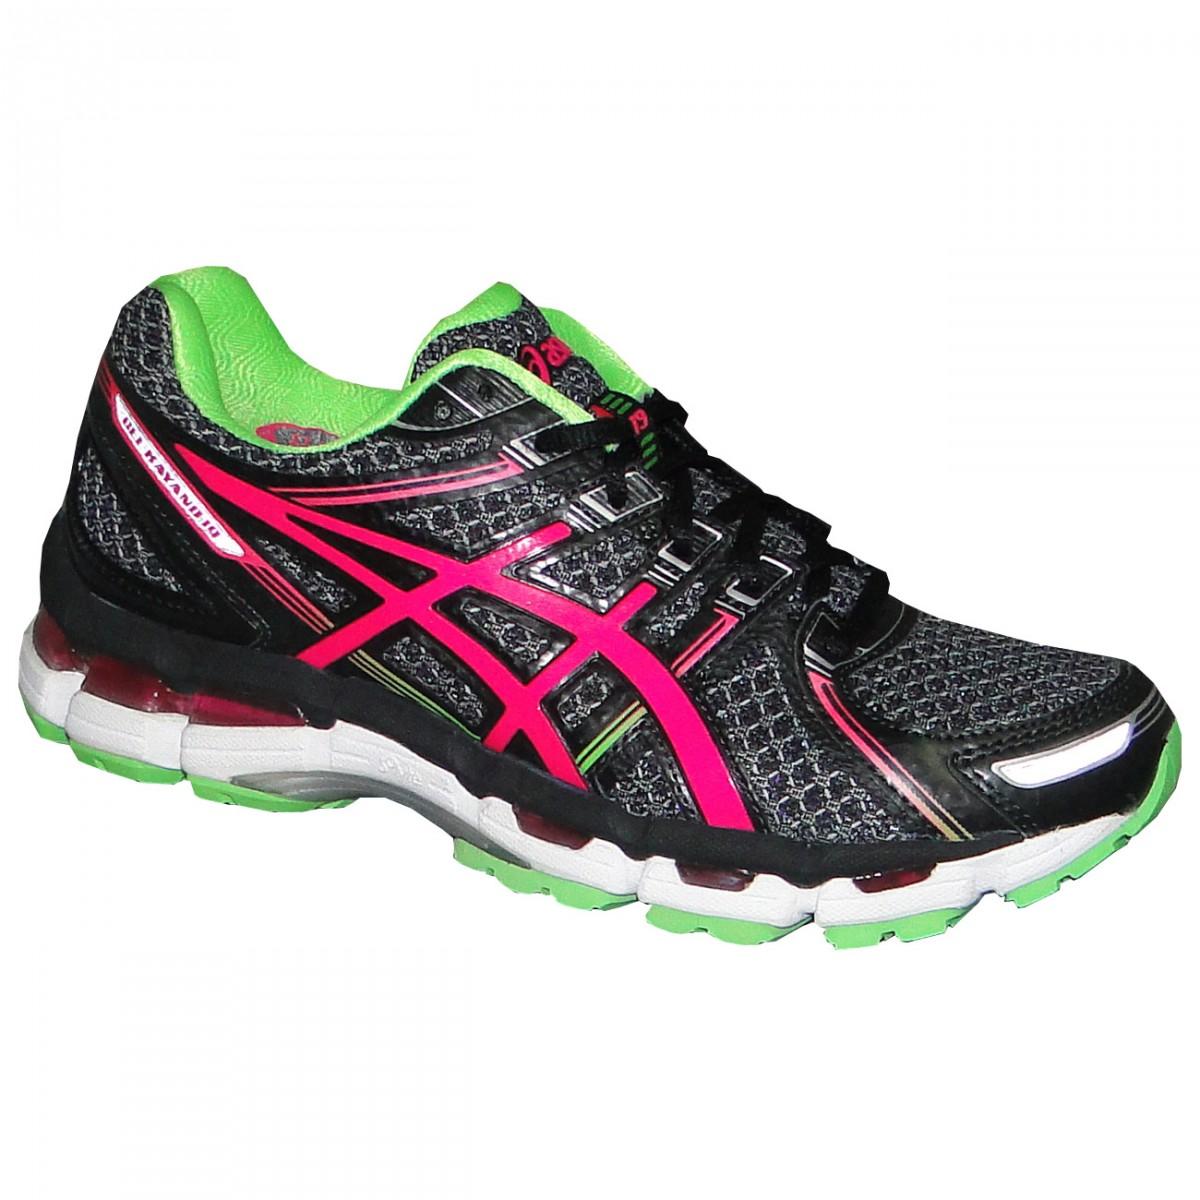 6df9763ae83 Tenis Asics Gel-Kayano 19 T350N 9035 - Preto Pink Verde - Chuteira Nike